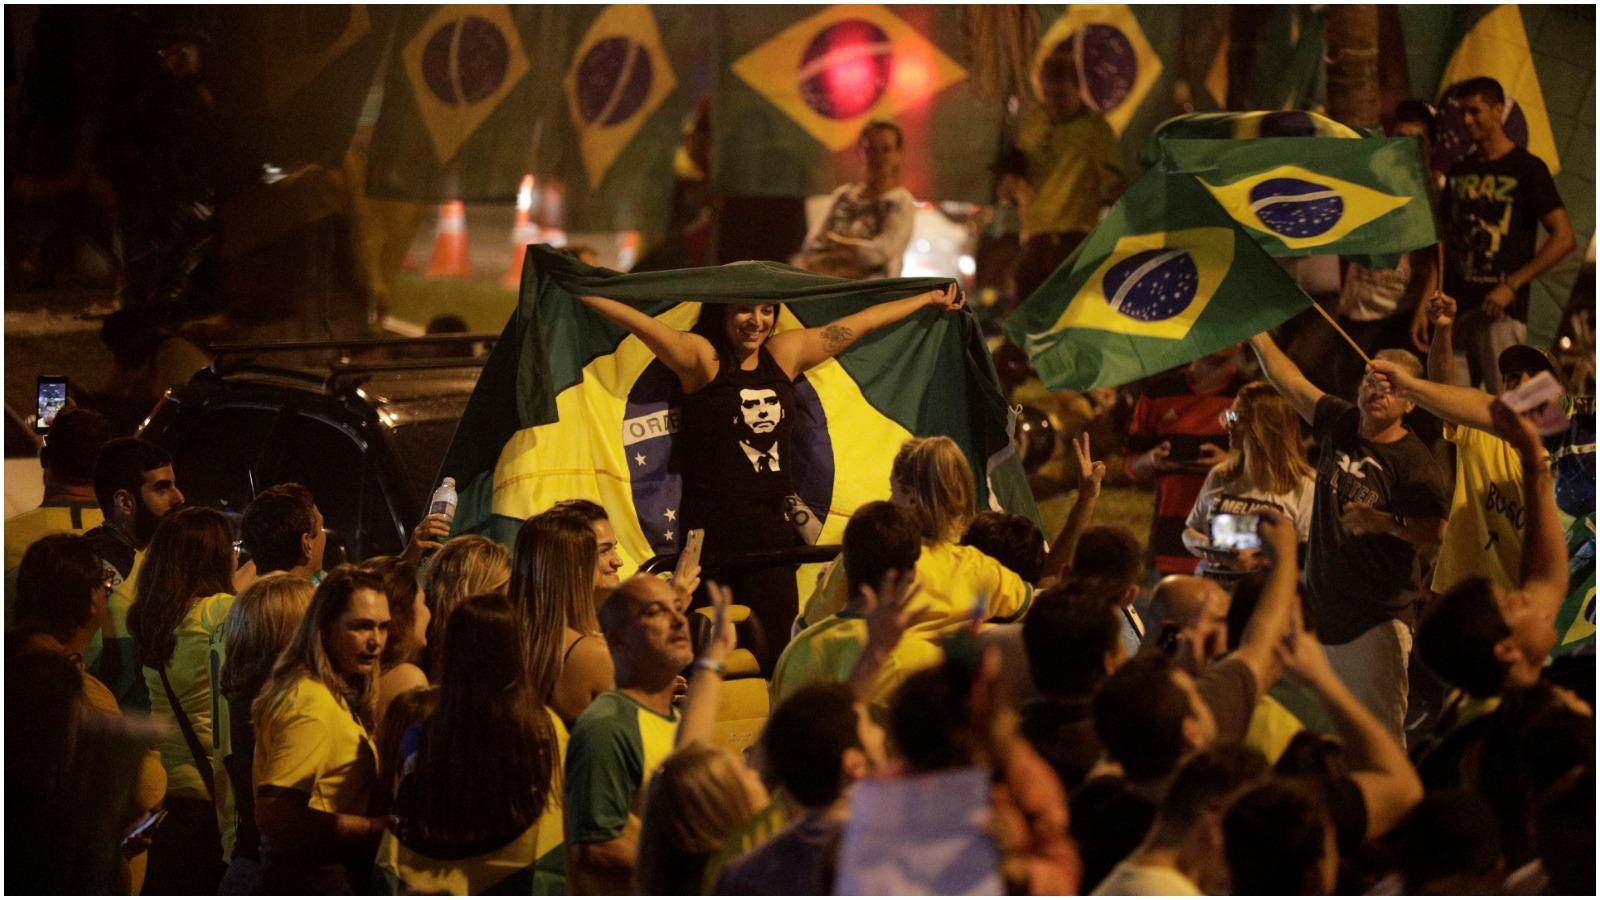 Niels Westy efter det brasilianske valg: Brasilien drejer til højre